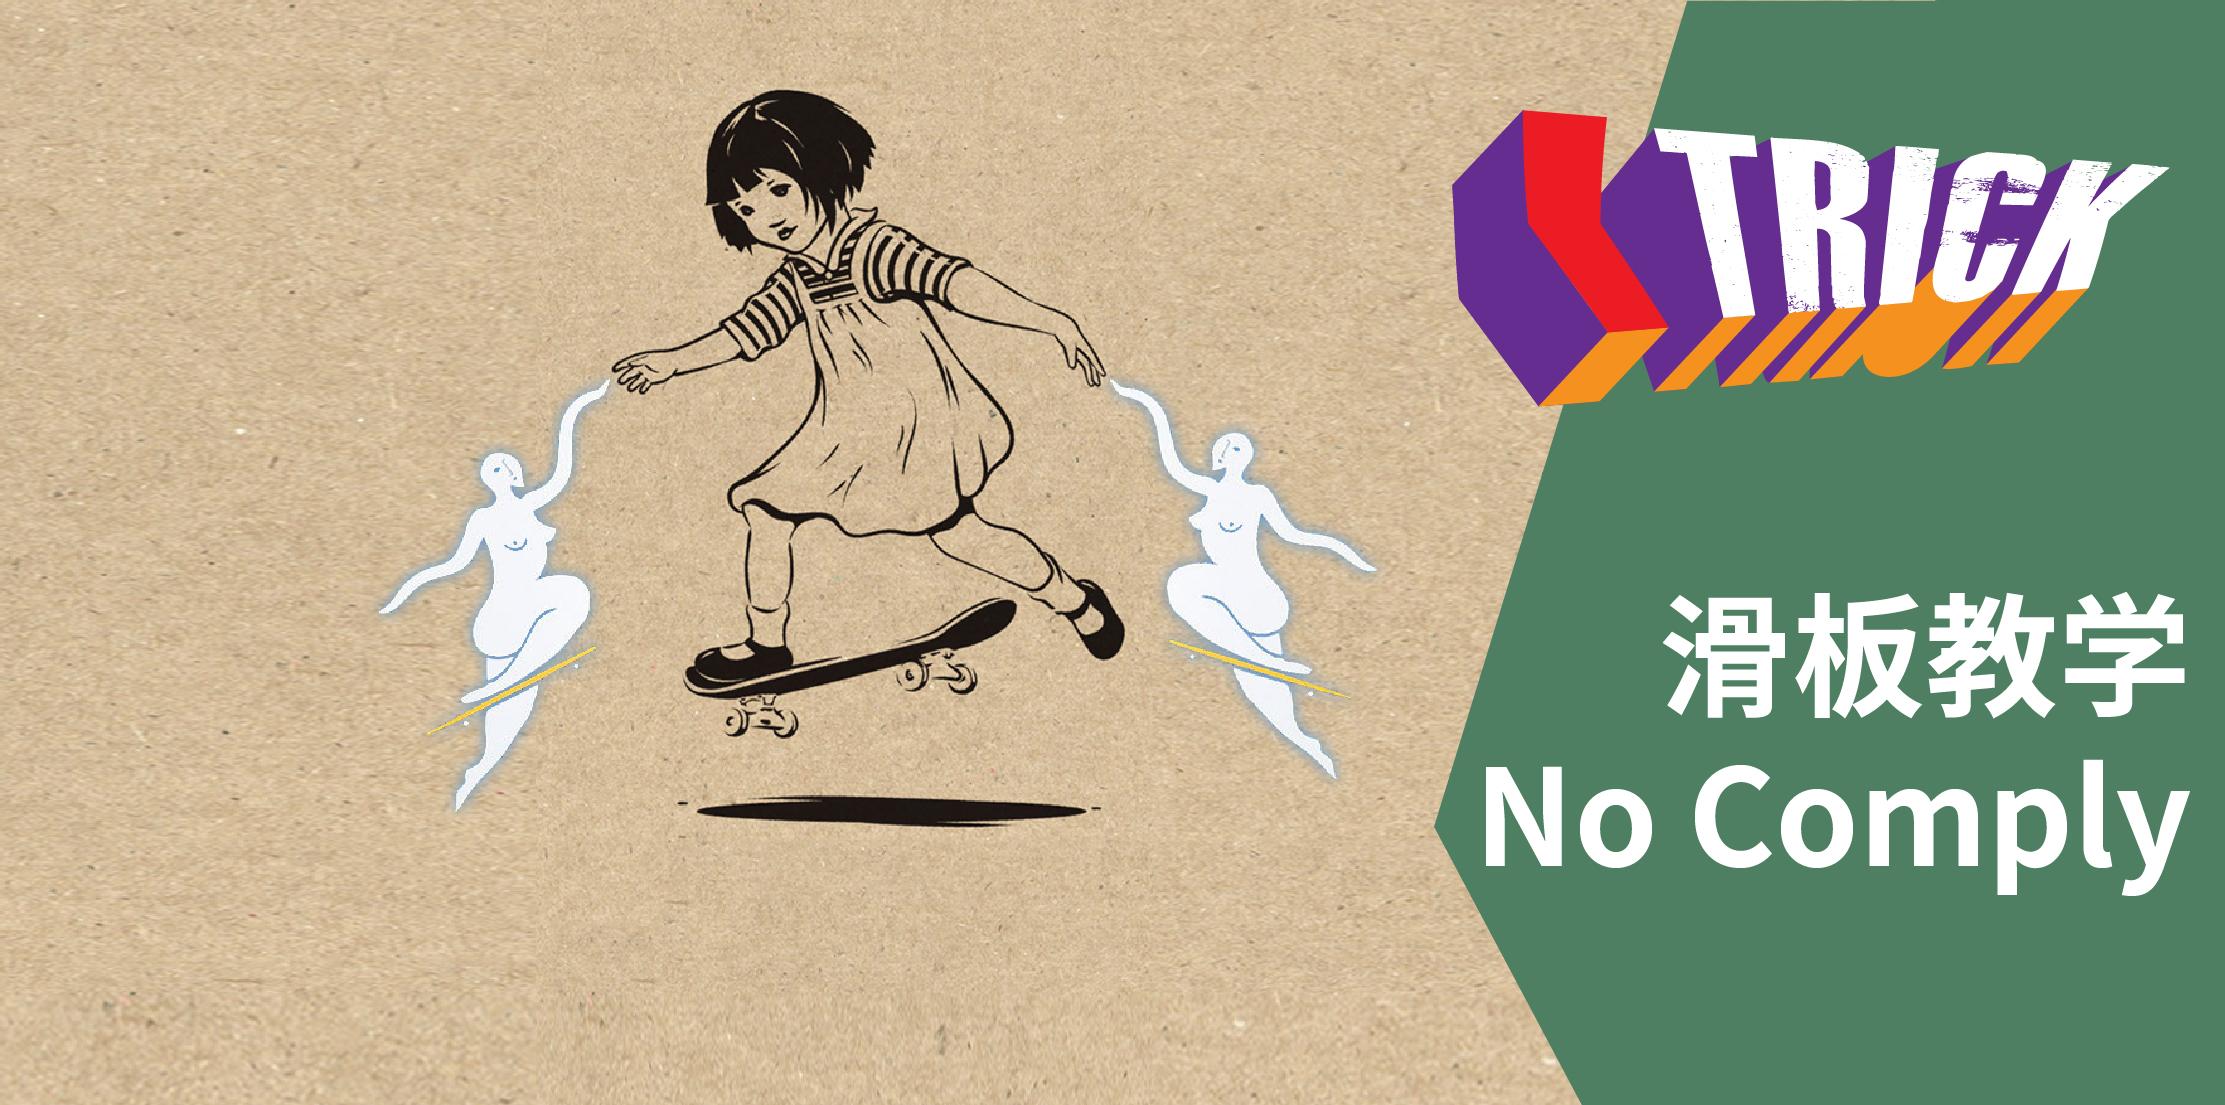 #中文字幕# 耍帅必备的简单滑板动作 No Comply 教学!